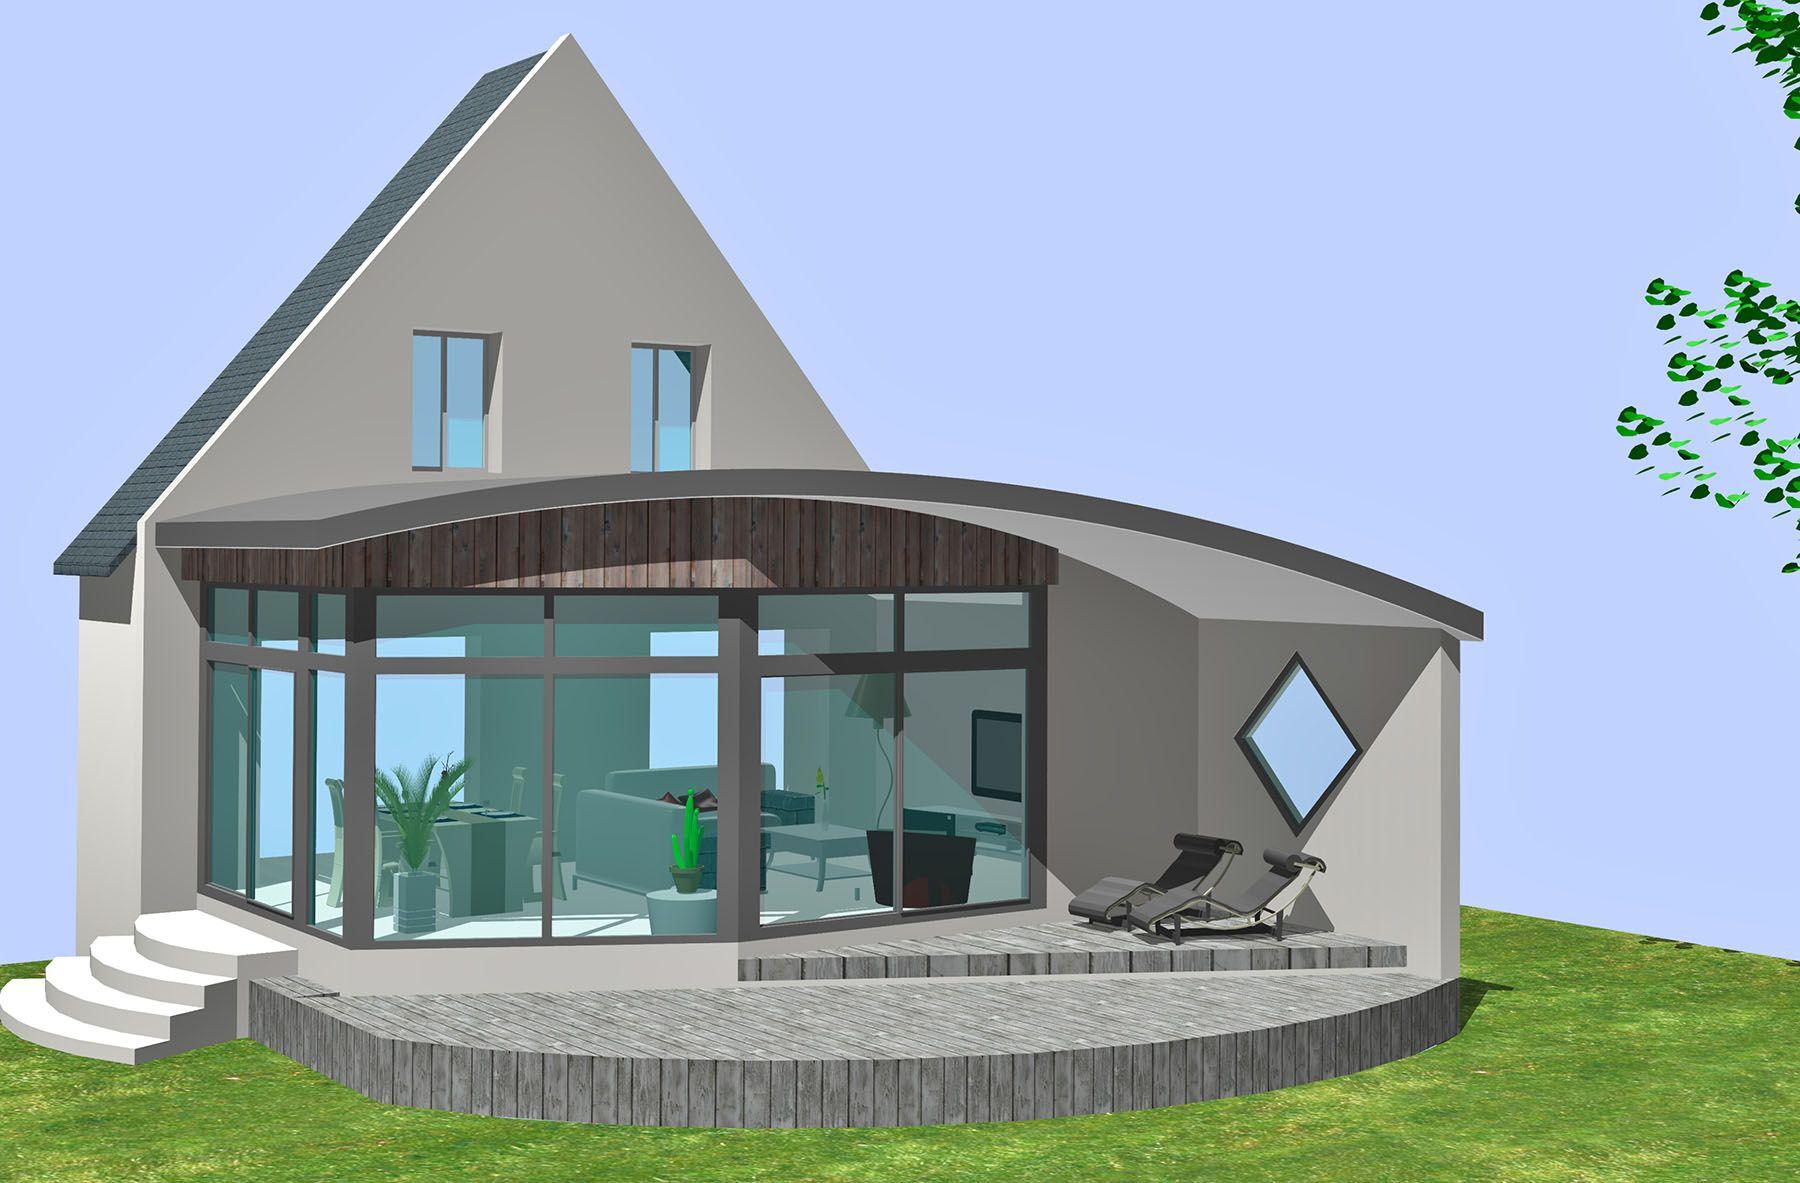 extension toit arrondi en 3d inspirations extension et maisons de r ve pinterest extension. Black Bedroom Furniture Sets. Home Design Ideas